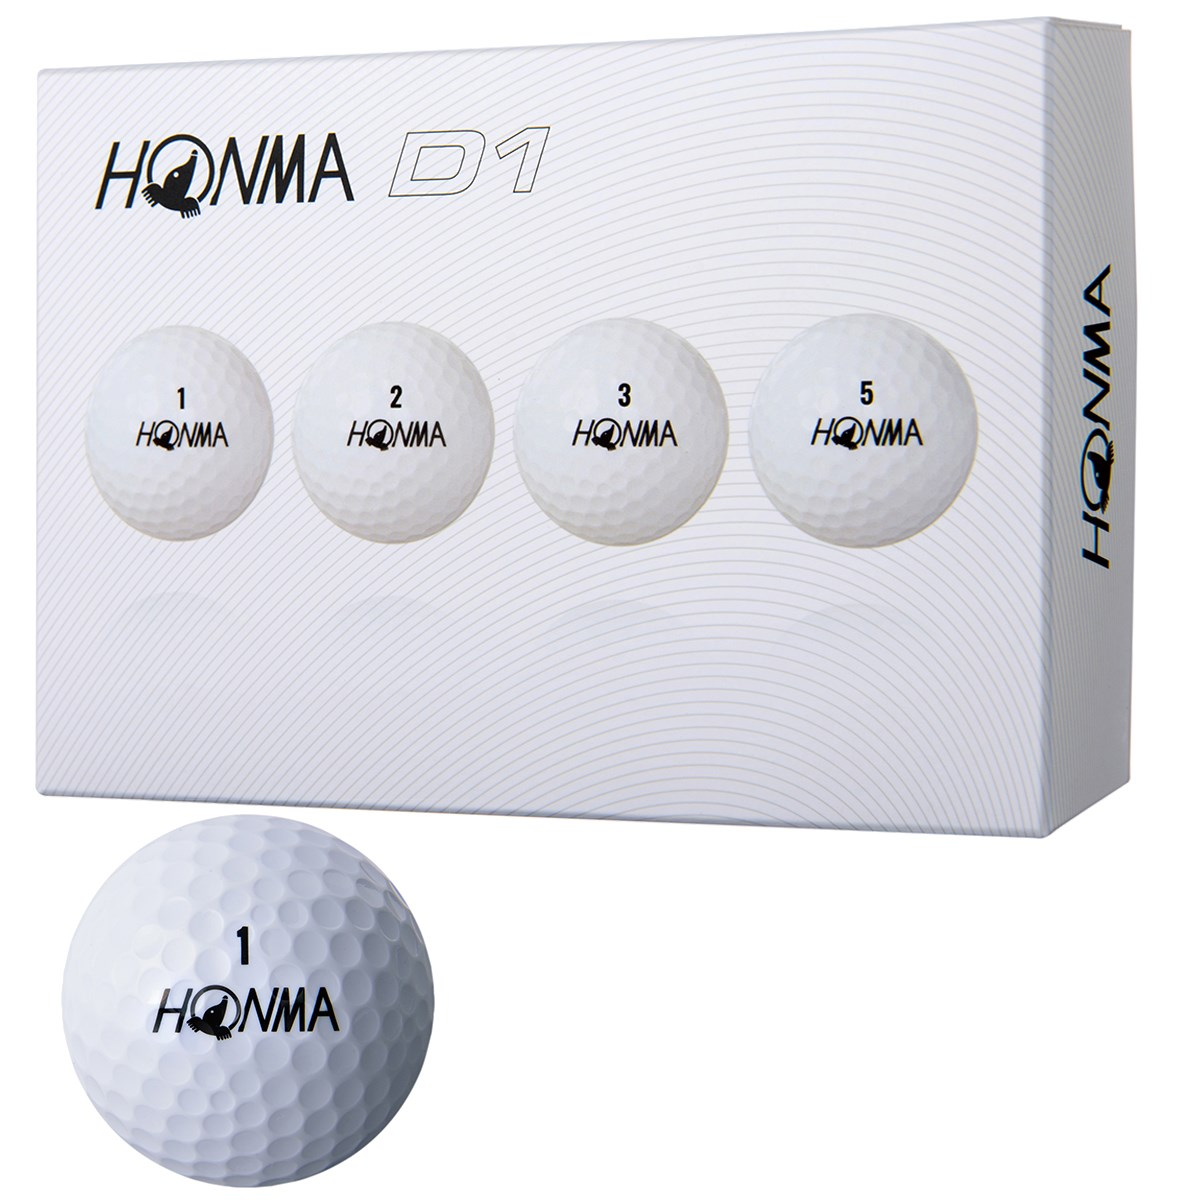 本間ゴルフ HONMA D1 ボール 2018年モデル 3ダースセット 3ダース(36個入り) ホワイト